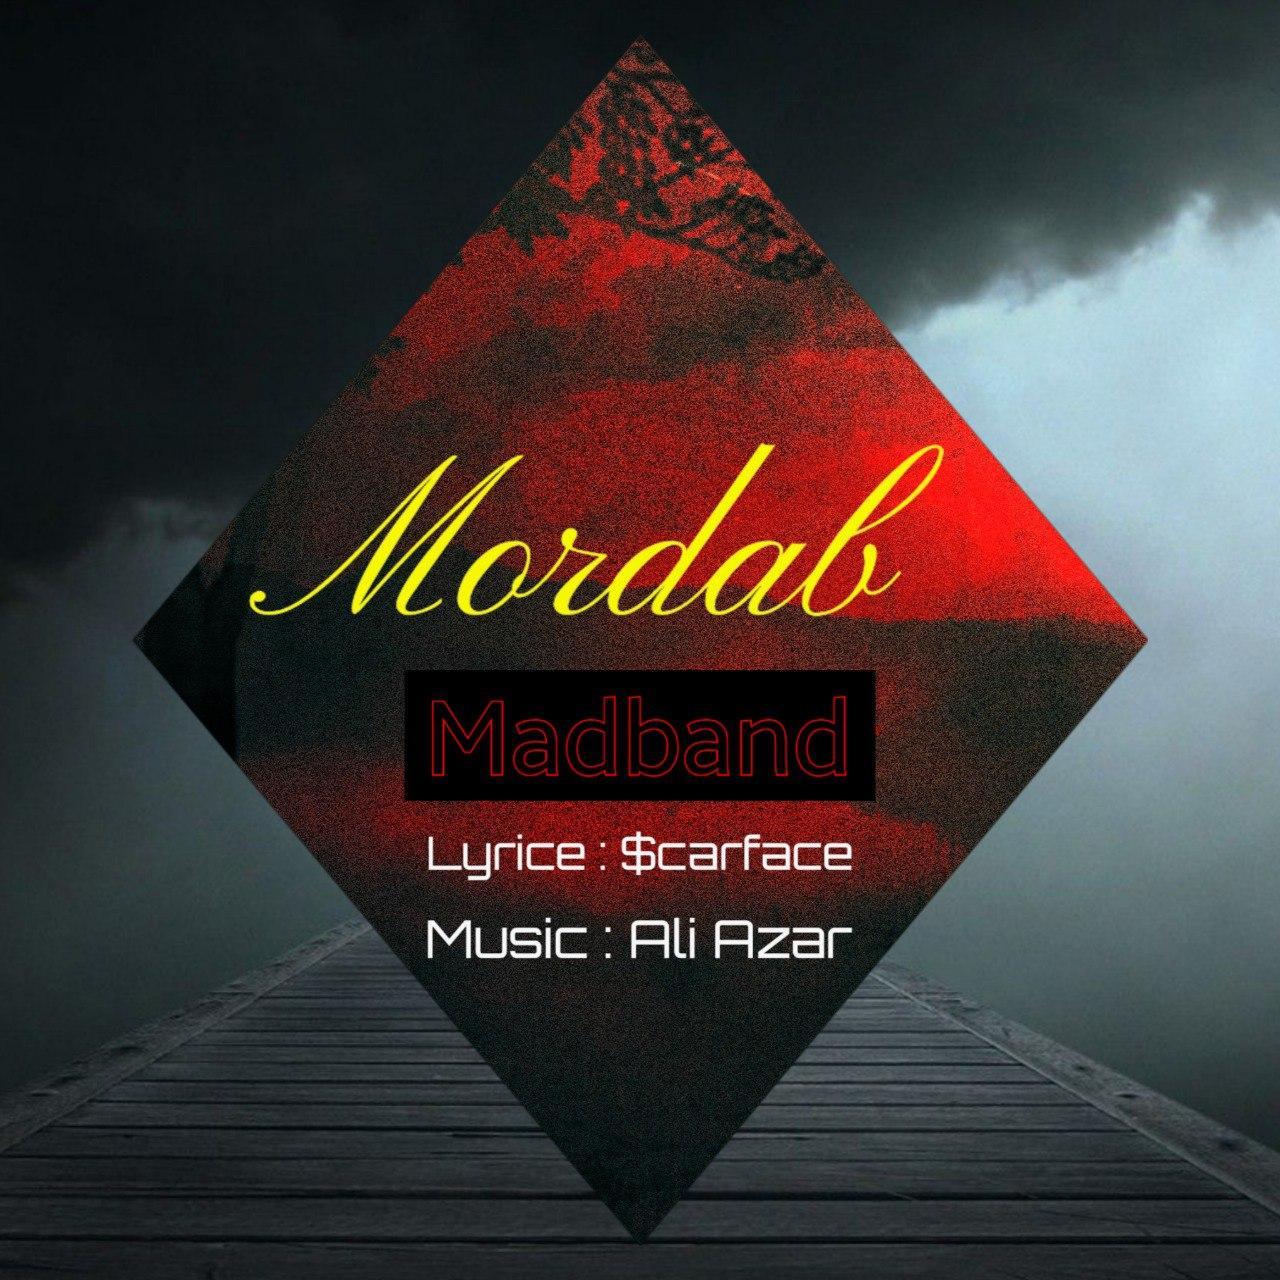 MadBand – Mordab